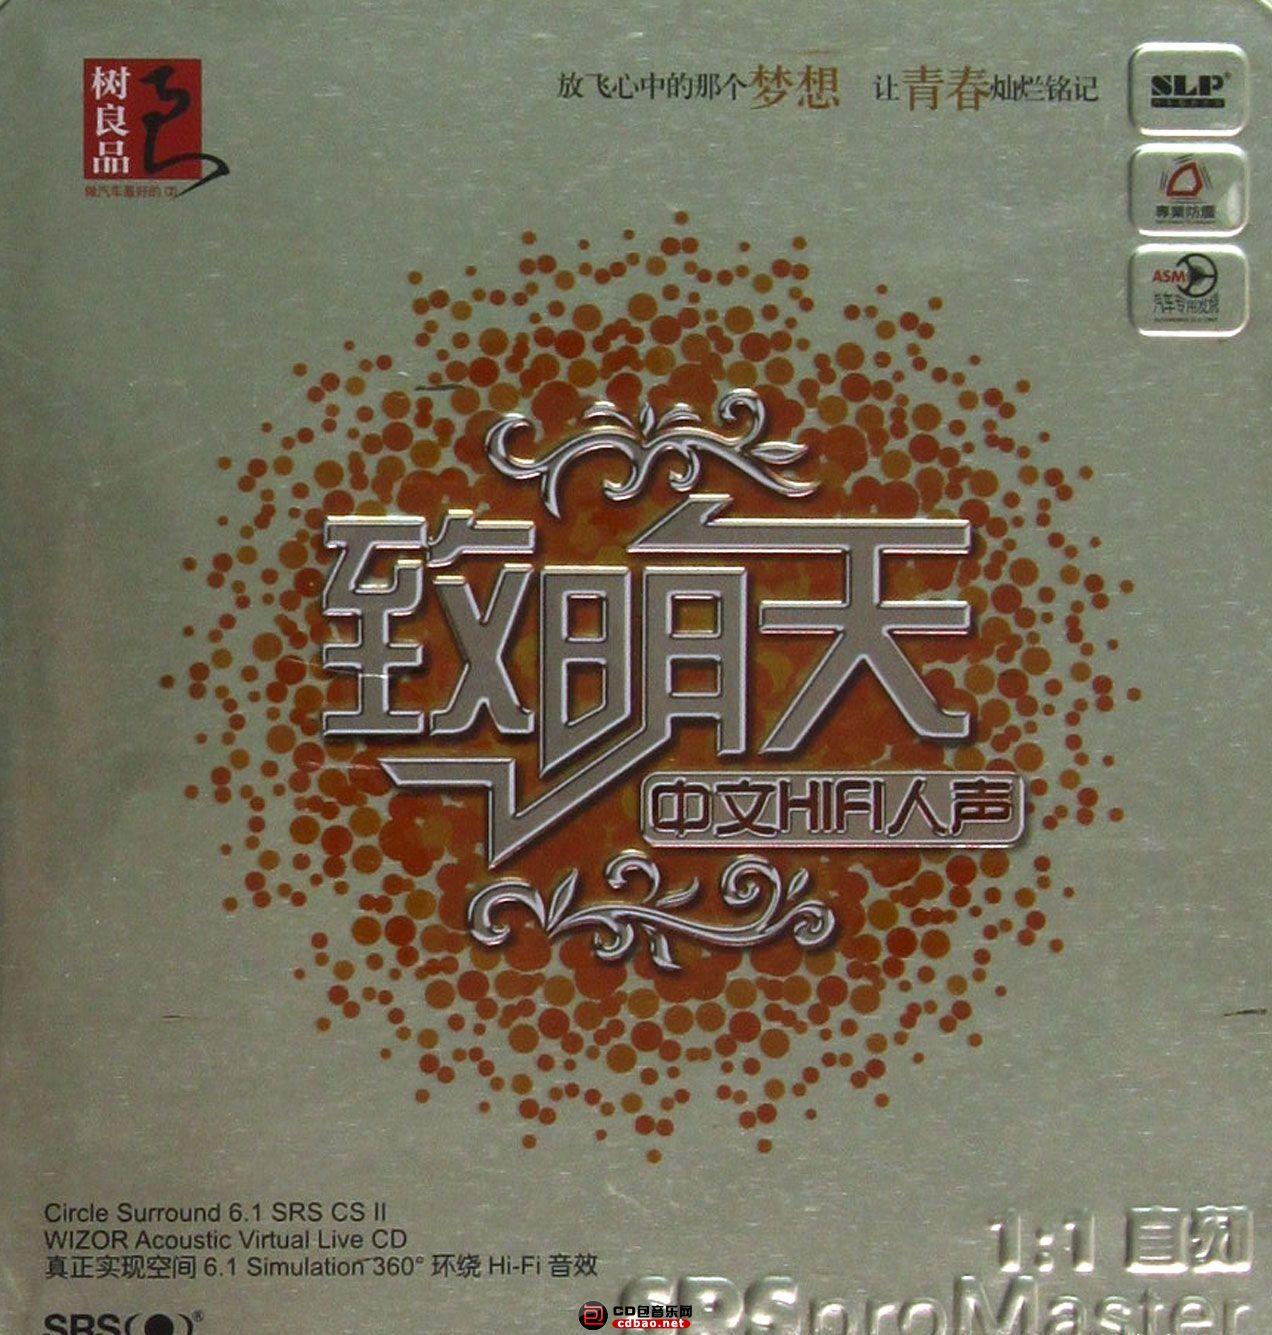 中文HIFI人声《致明天》.jpg